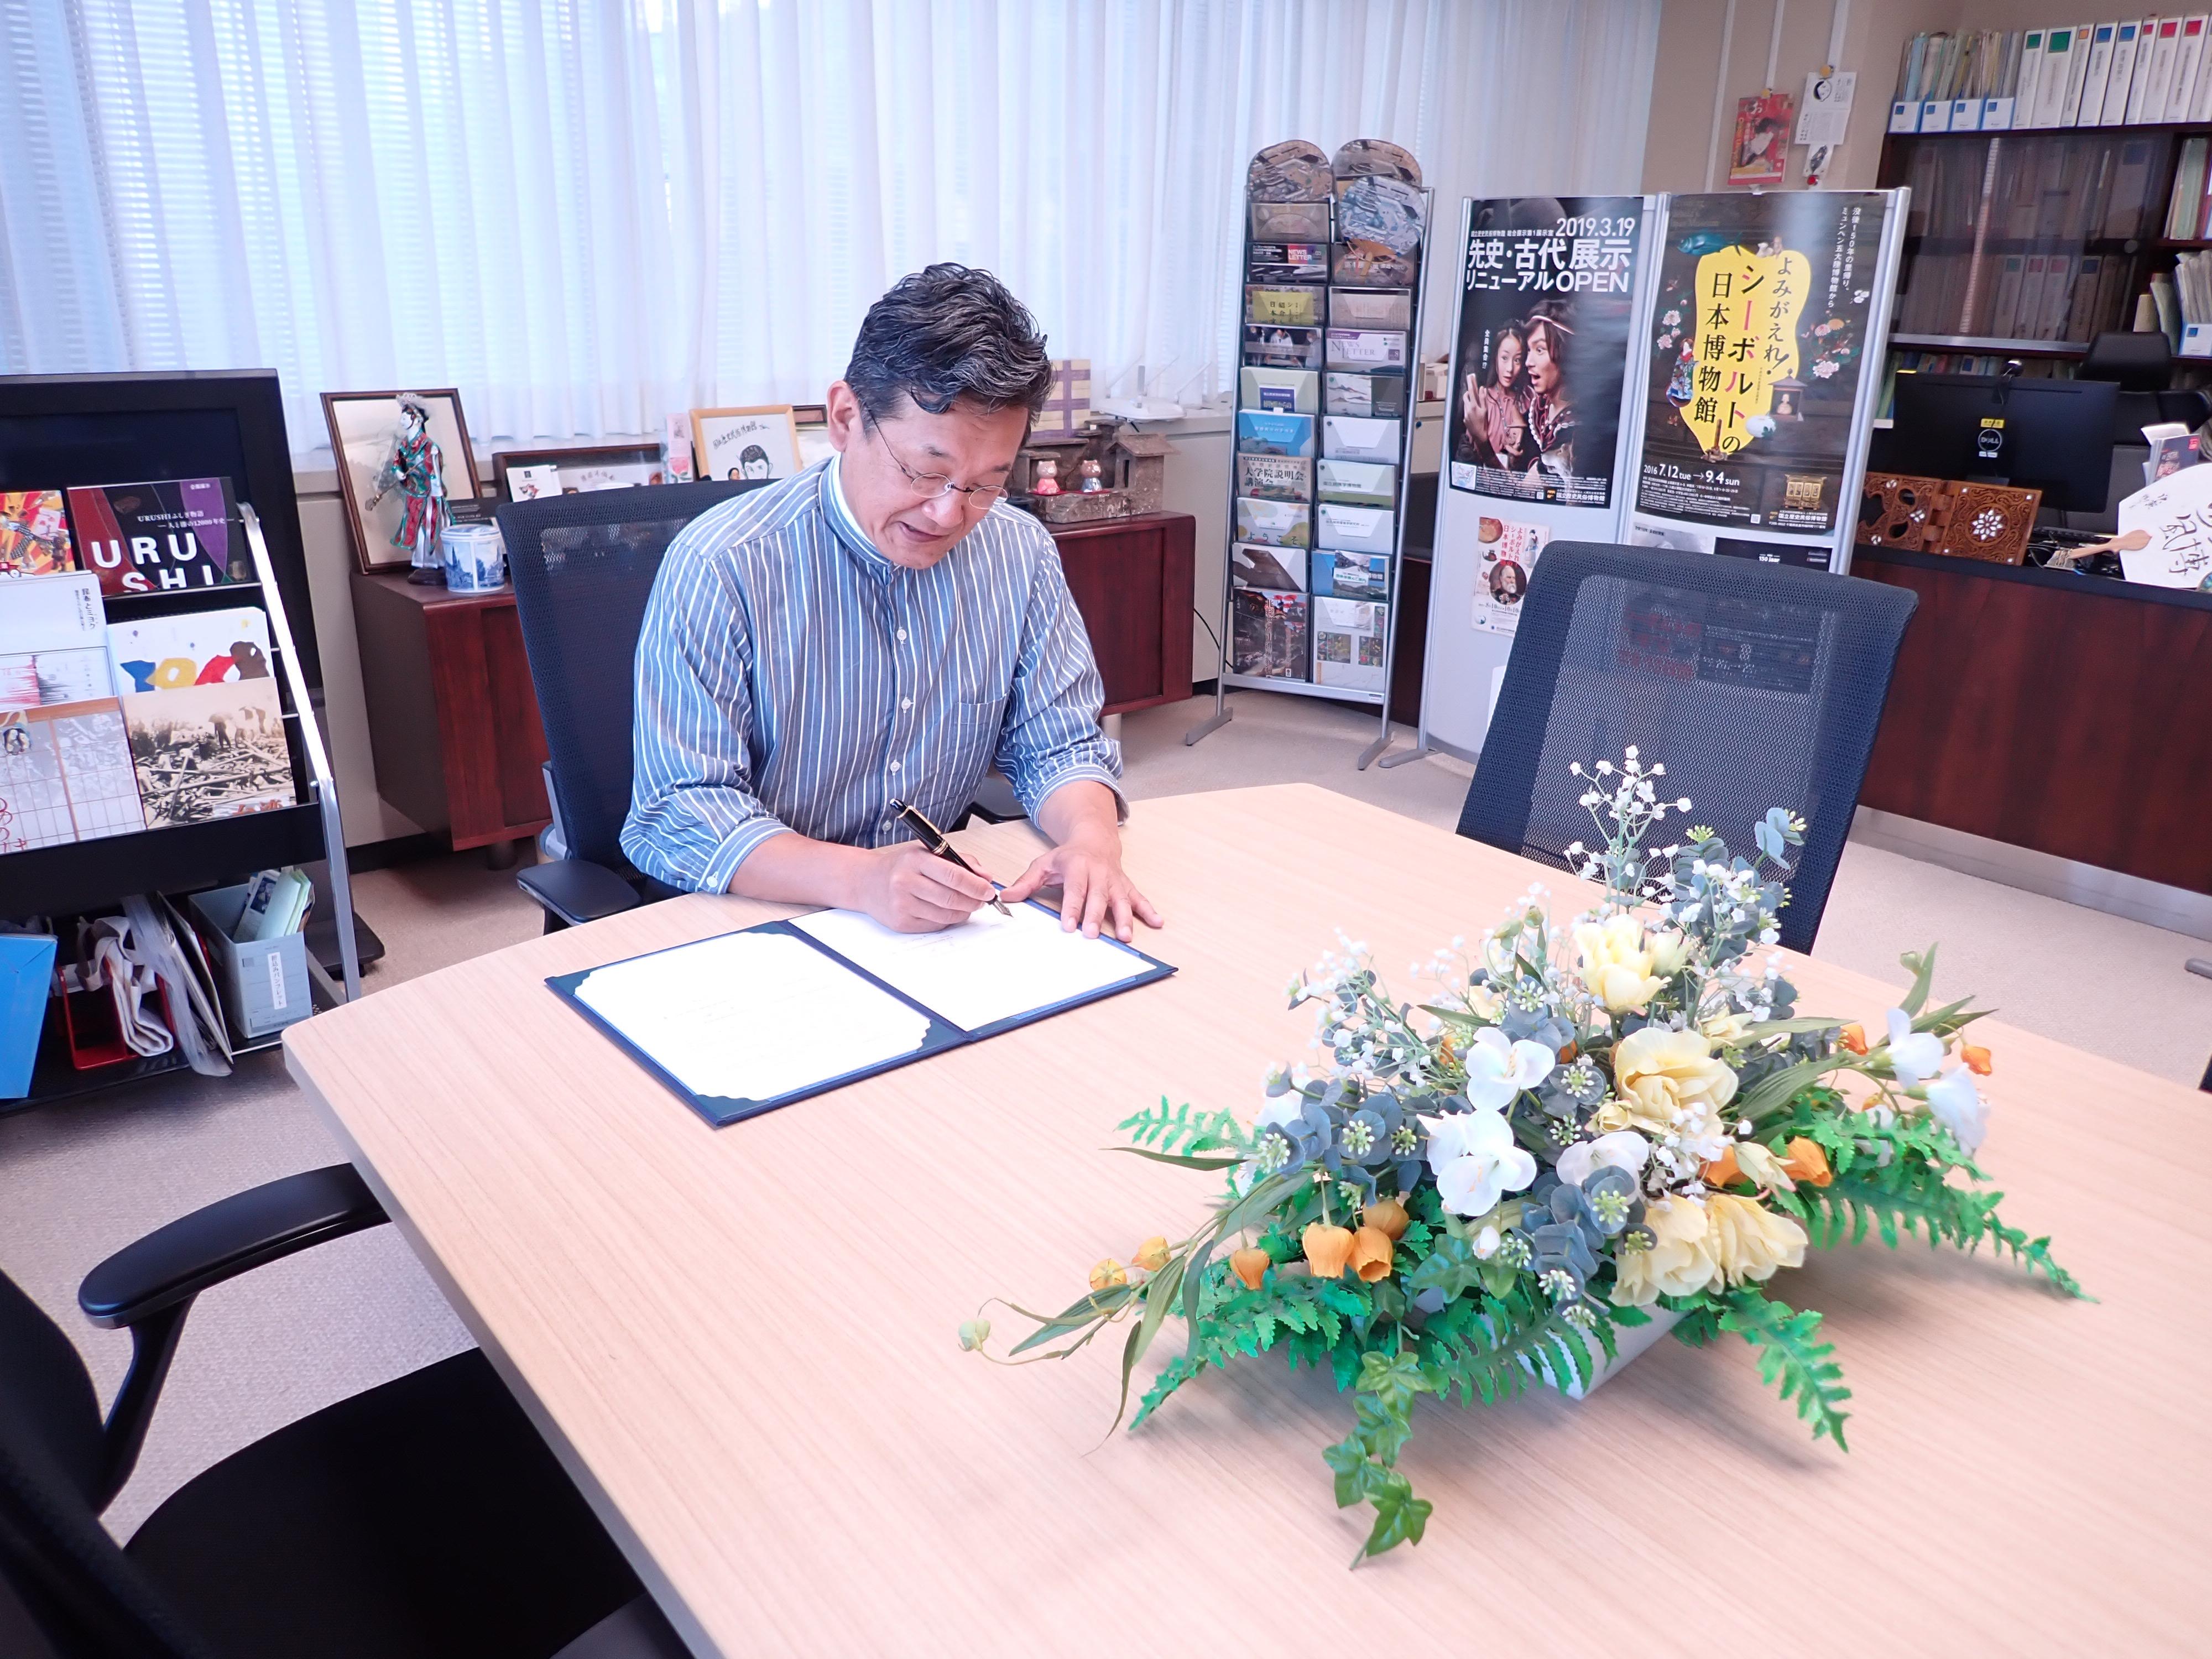 itb-dan-national-museum-of-japanese-history-jalin-mou-di-bidang-digital-humanities